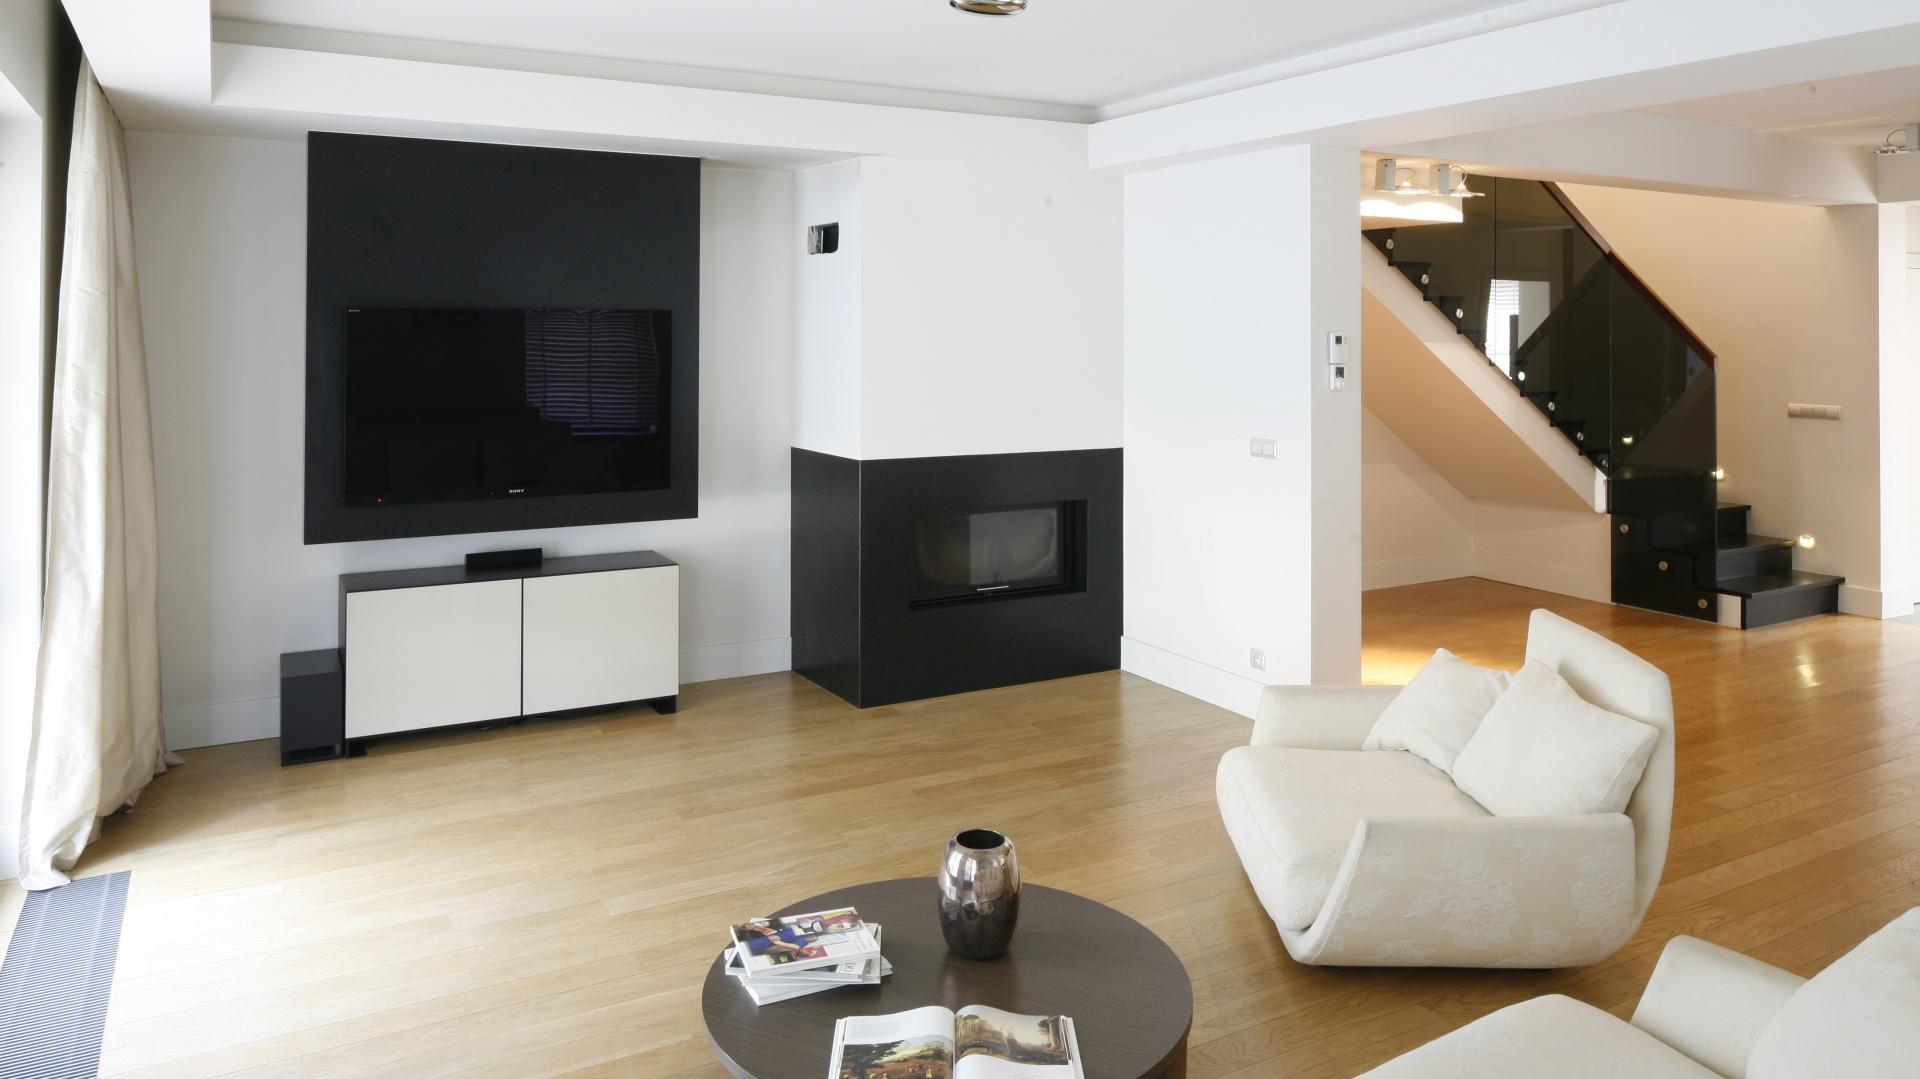 Elegancka przestrzeń dzienna urządzona została minimalistycznie, lecz przytulnie. Ciepłą atmosferę buduje kolorystyka oraz drewniana podłoga. Projekt: Kamila Paszkiewicz. Fot. Bartosz Jarosz.